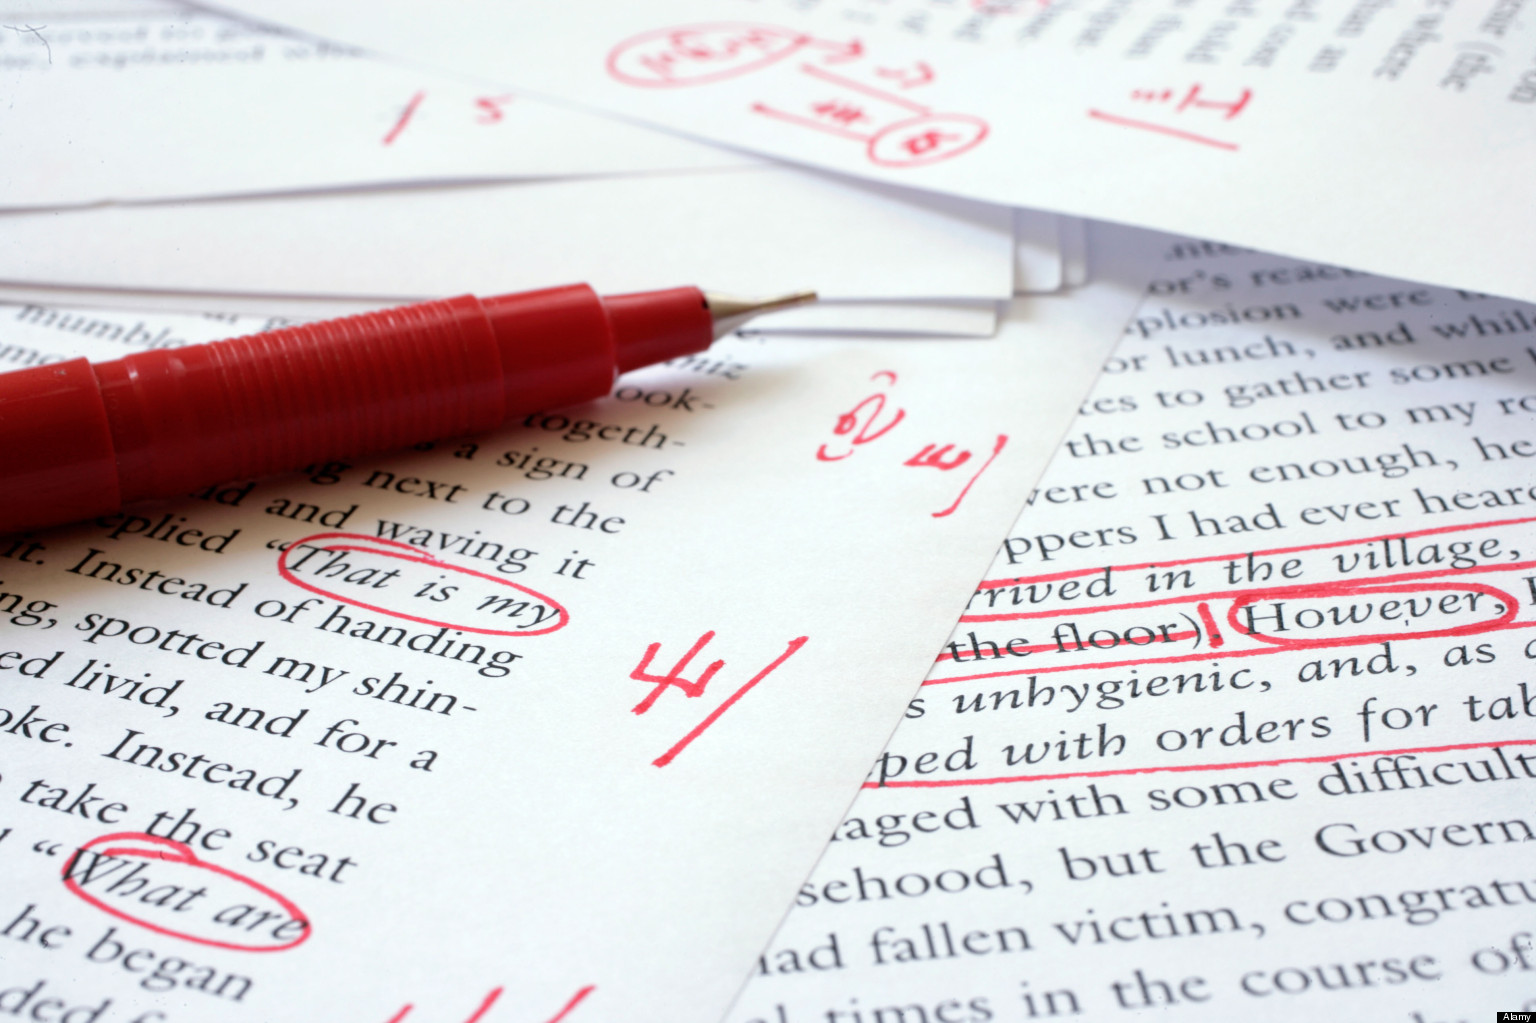 Long Essay Review - $100 per essay <1000 words